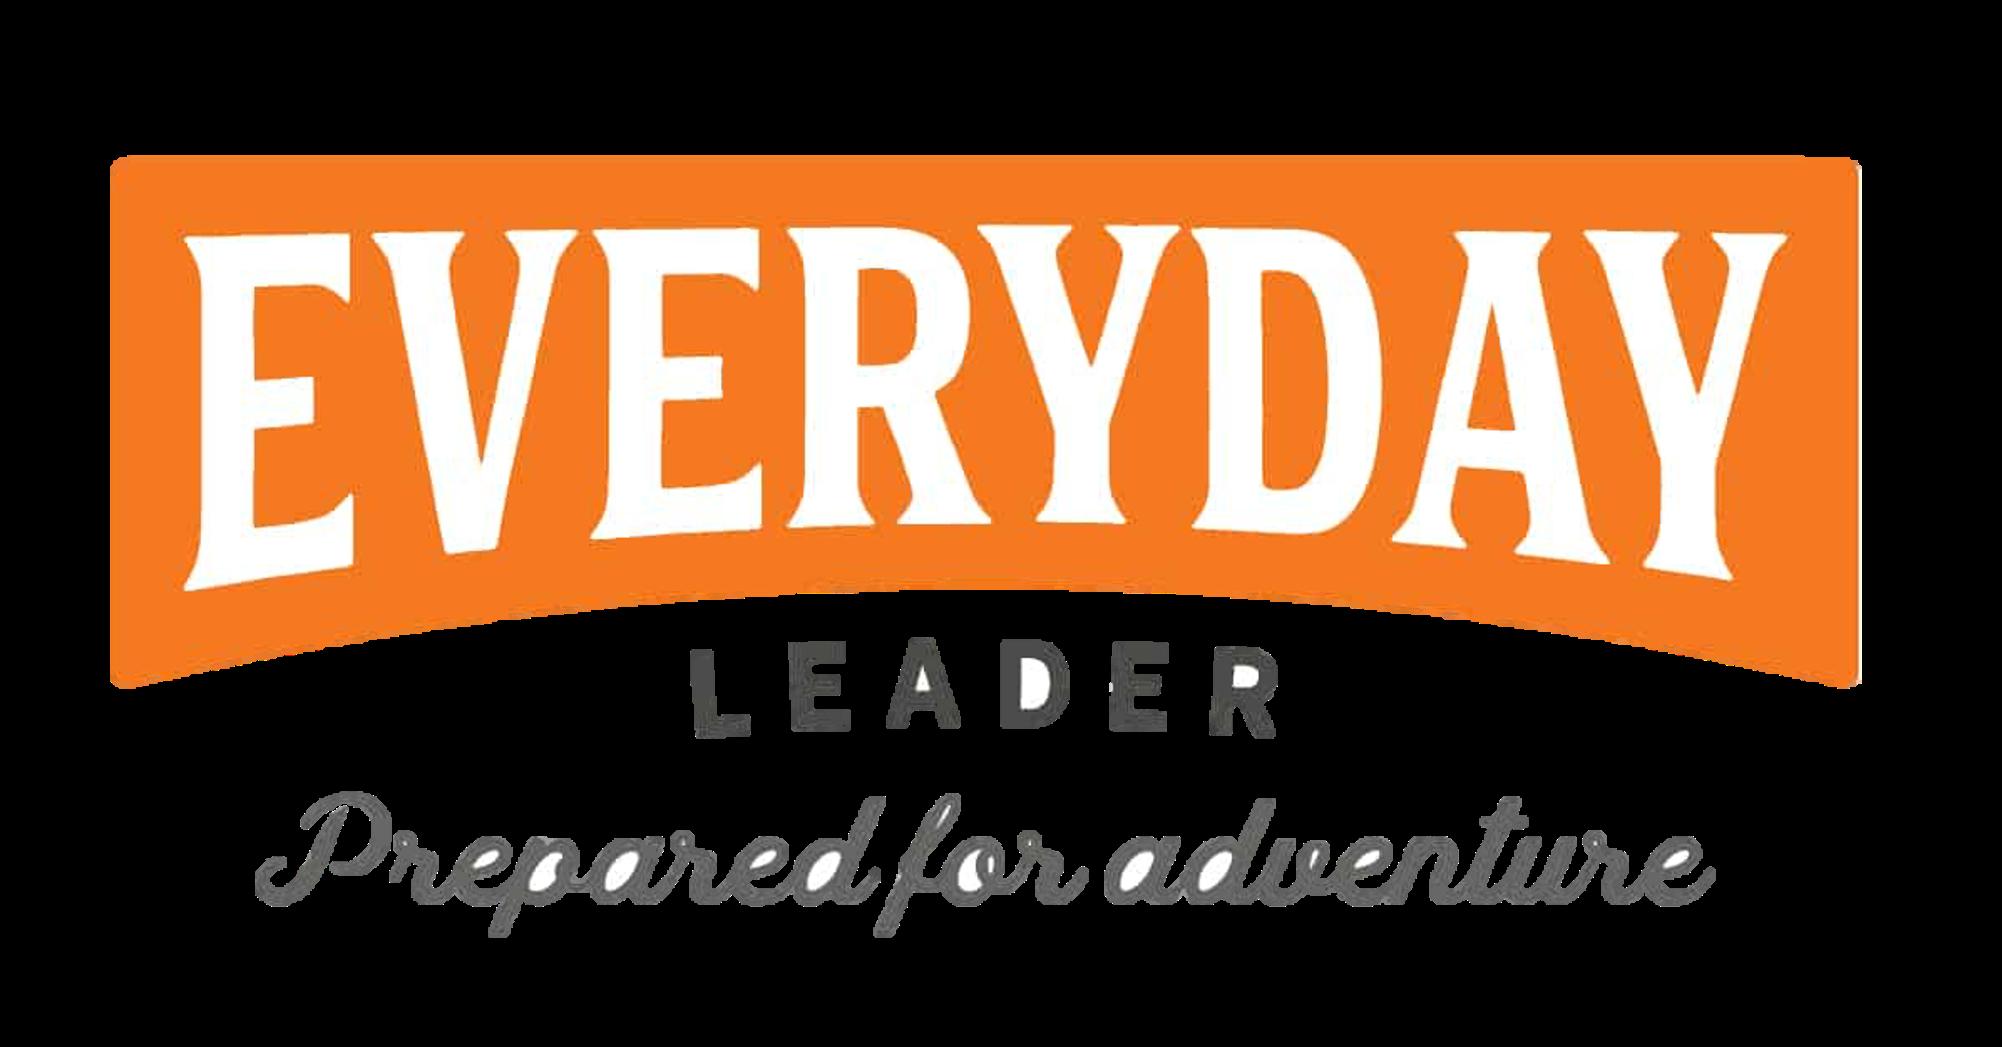 Everyday leader